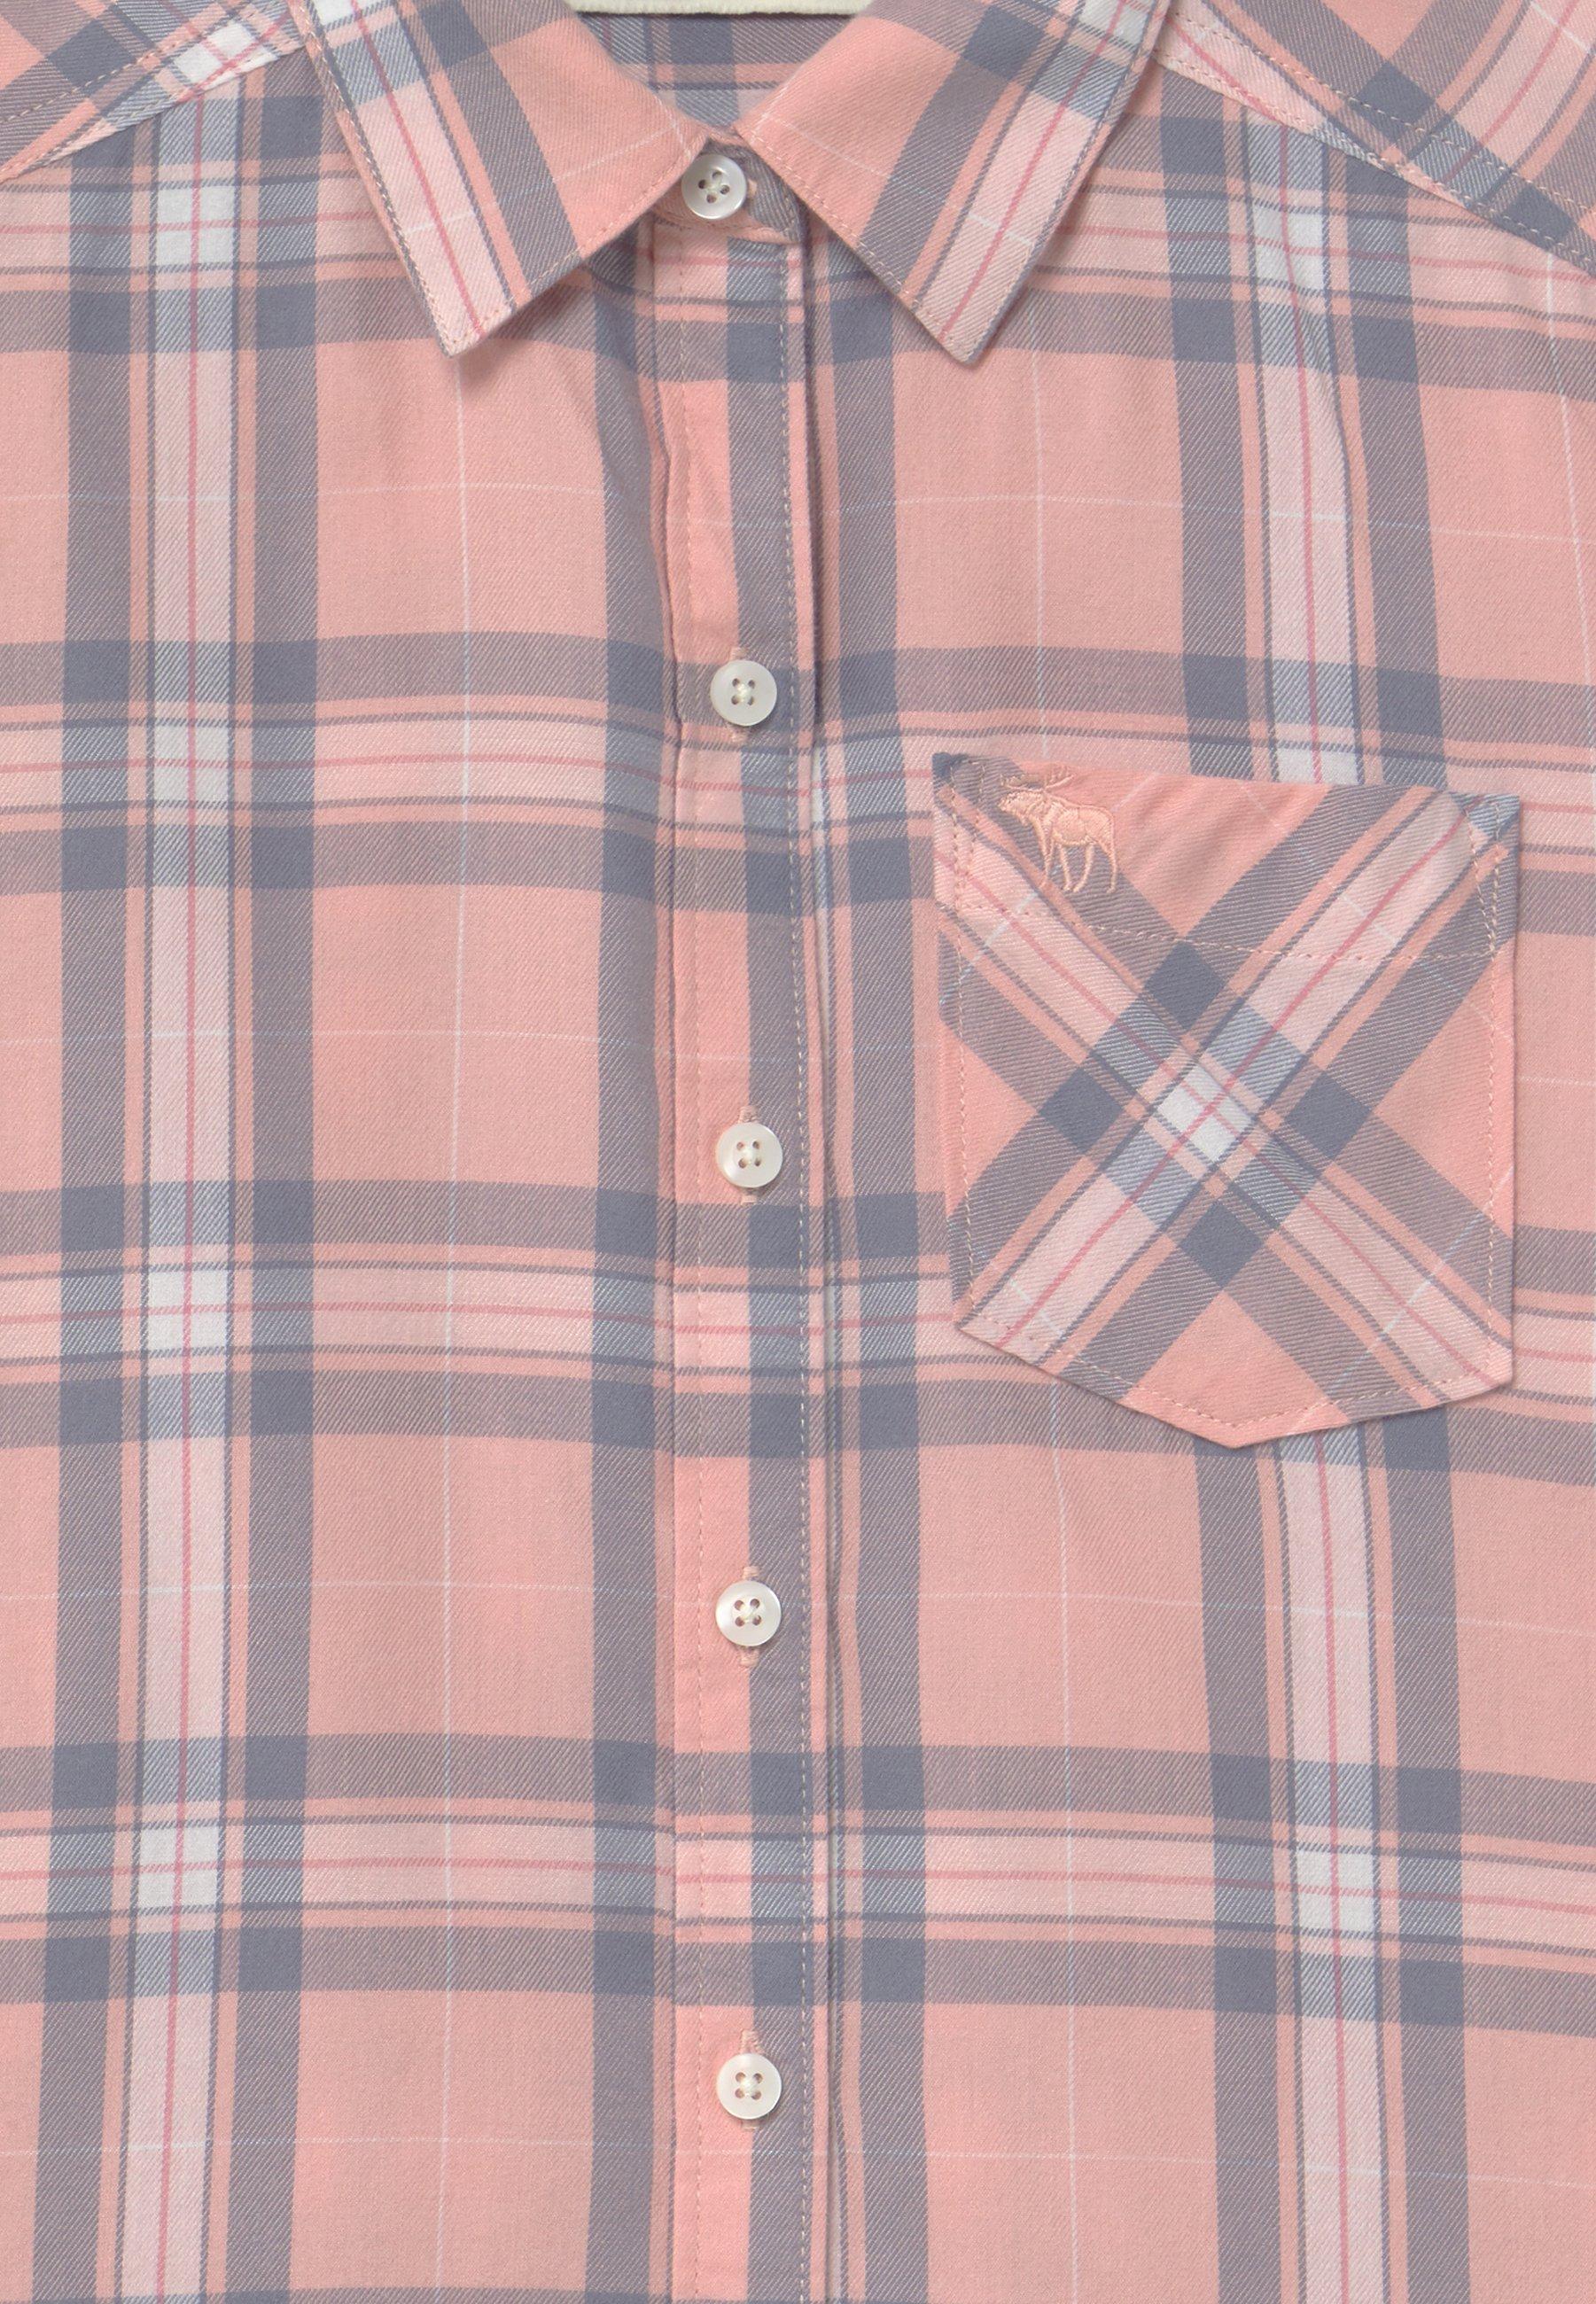 Abercrombie & Fitch Koszula - pink plaid - Ubranka dla dzieci